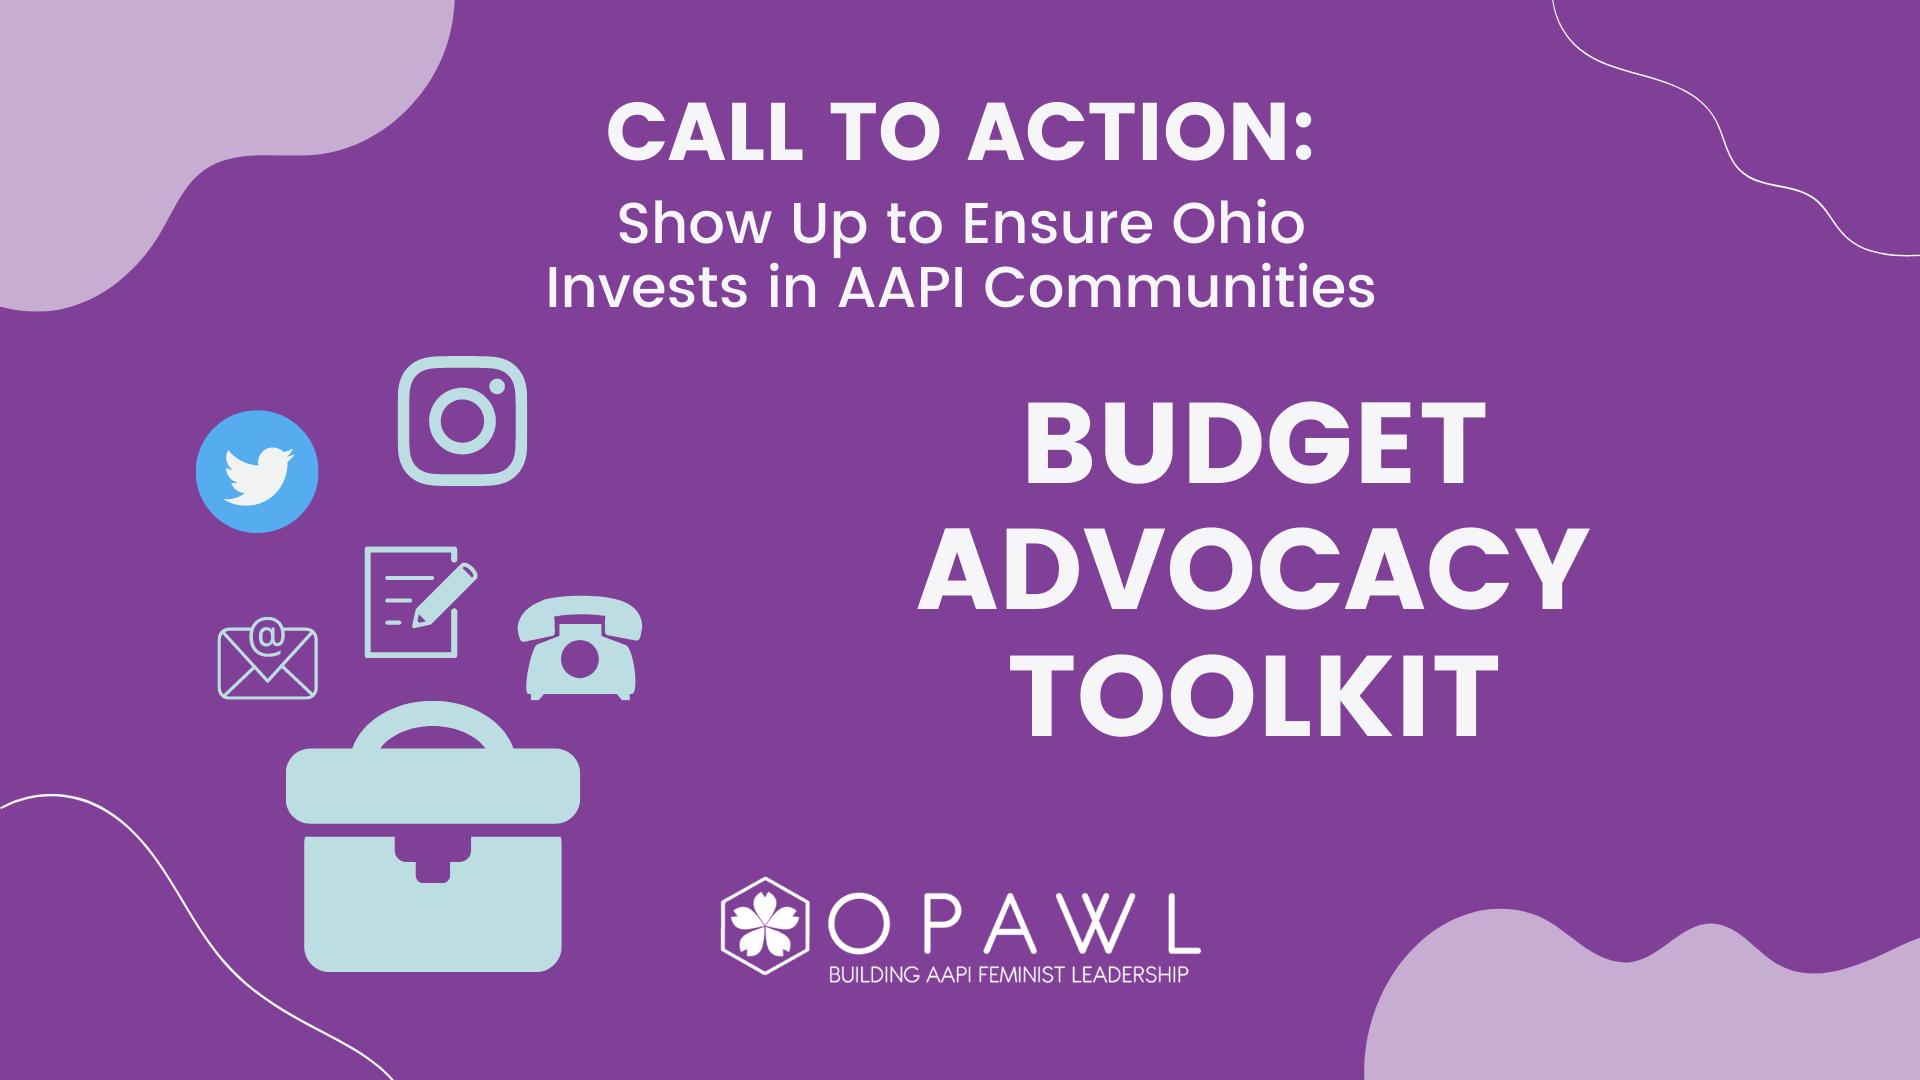 OPAWL Budget Advocacy Toolkit